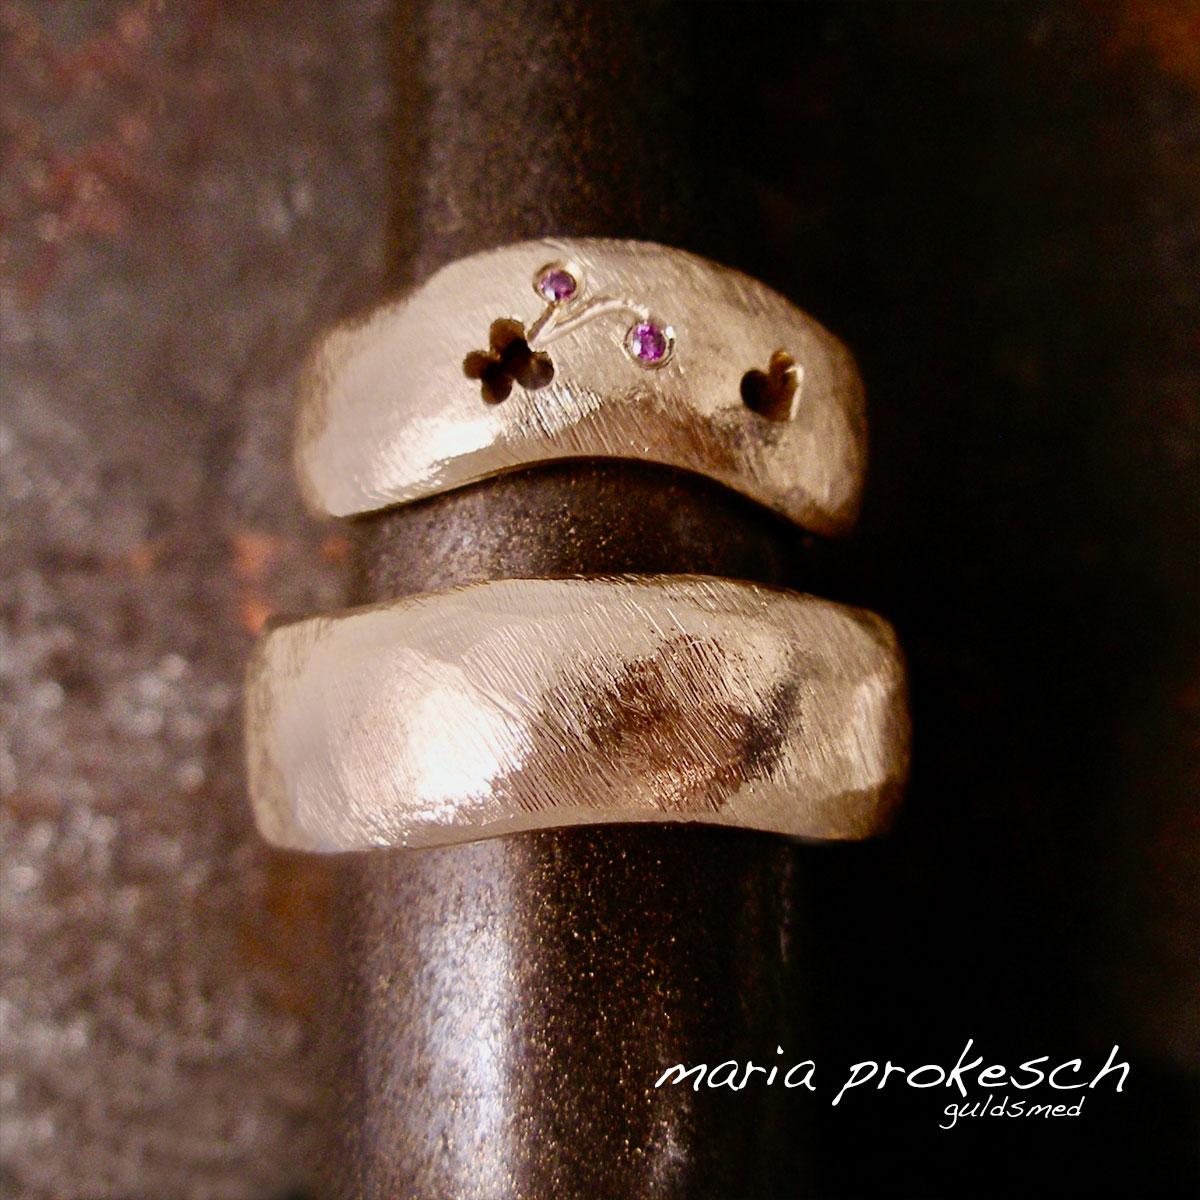 Håndlavede rustikke vielsesringe der bølger, hendes mere end hans. På hendes sommerfugl og hjerte udsavet. Personlig historie for parret